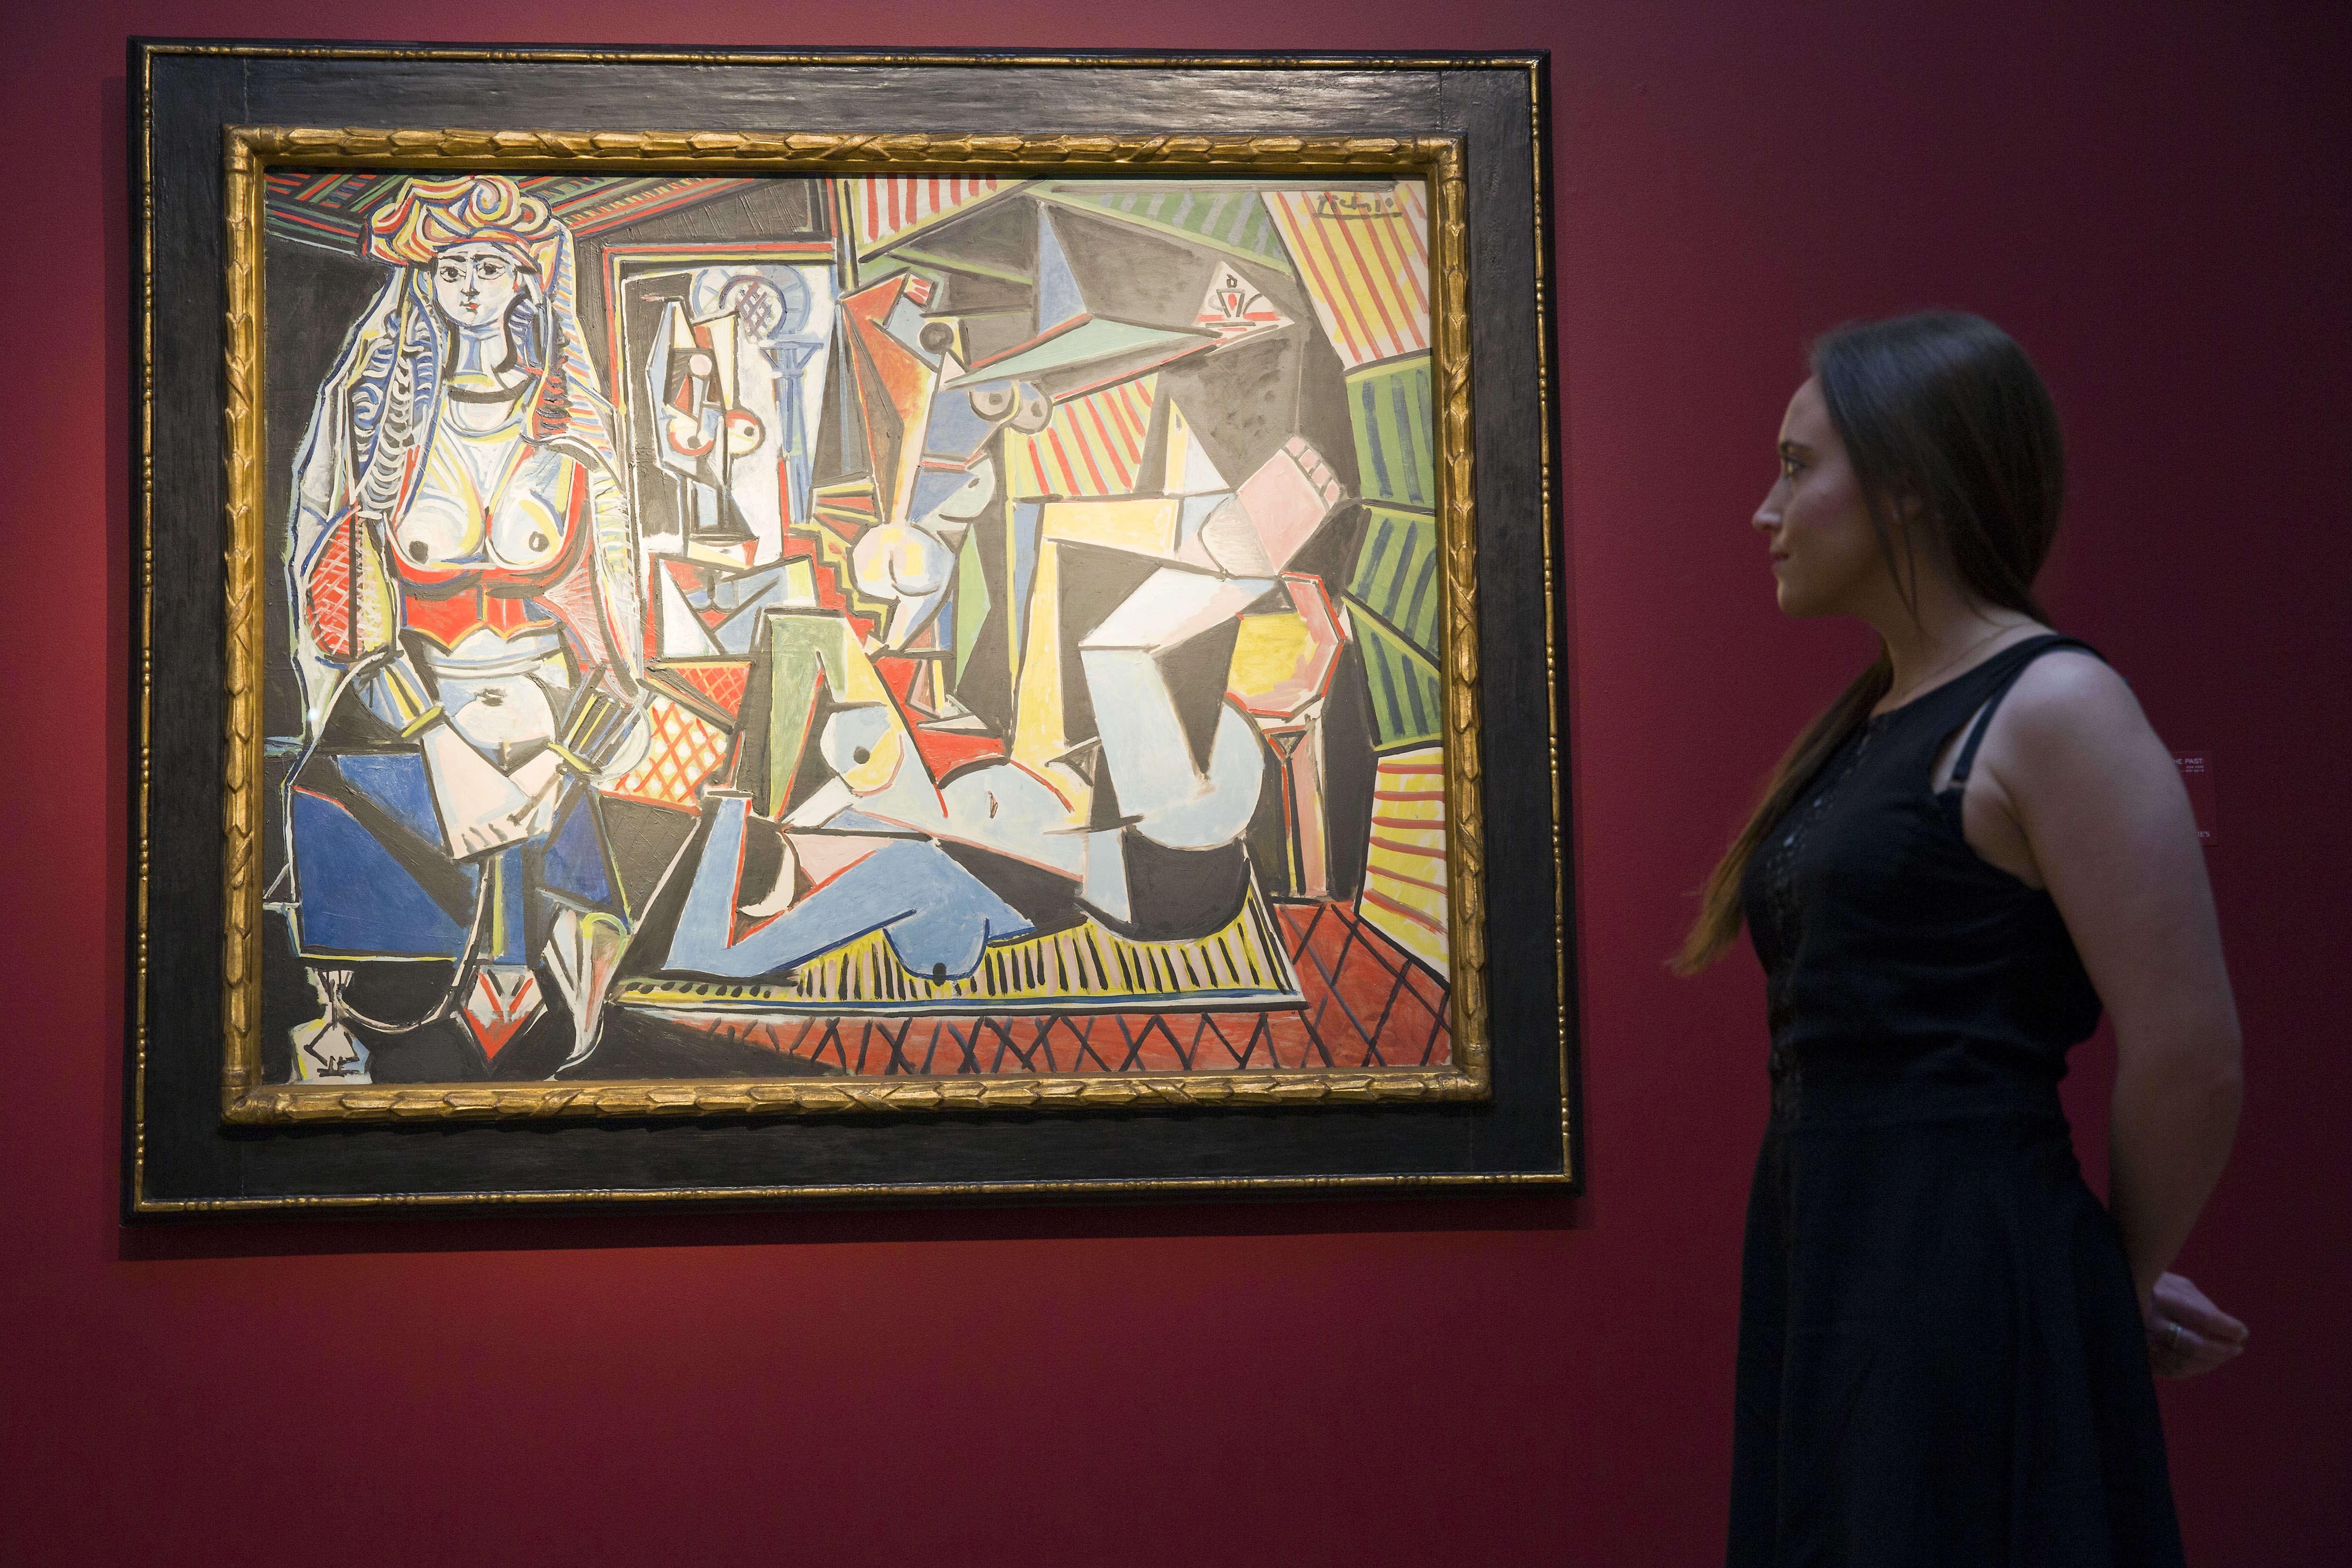 «Les Femmes d'Alger (version 0)», une huile peinte par Pablo Picasso en1955 etreprésentant une scène dans un harem, a été adjugée 179,4millions de dollars enmai2015, également chez Christie's à New York.